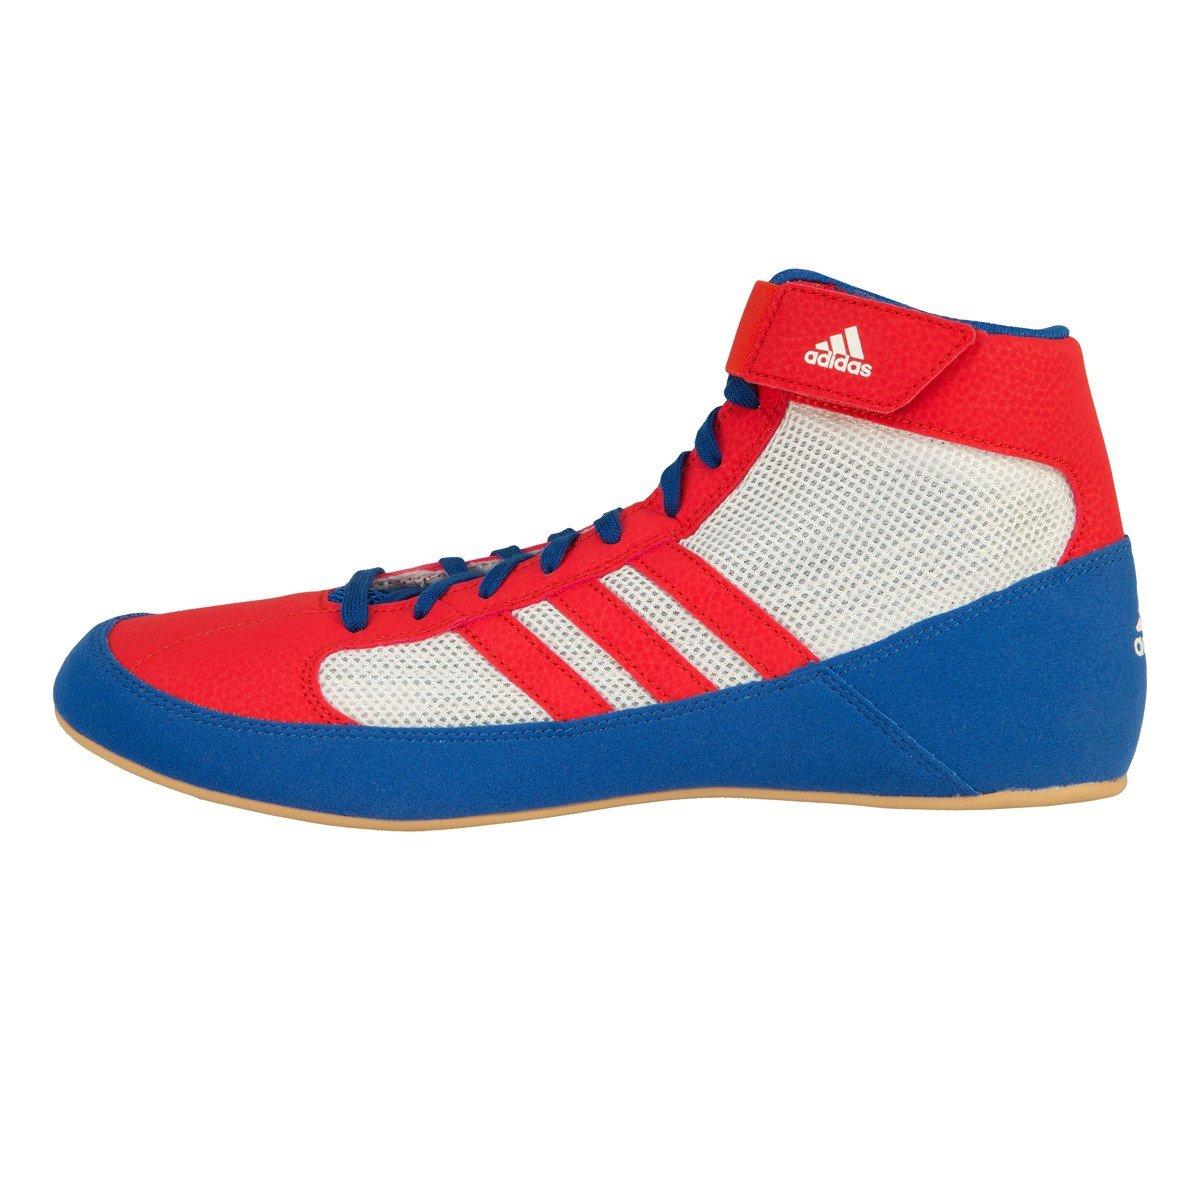 d83c92fffc7 Amazon.com  adidas Men s Boy s HVC2 Wrestling Mat Shoe Ankle Strap 2 Colors  AQ3325  Clothing